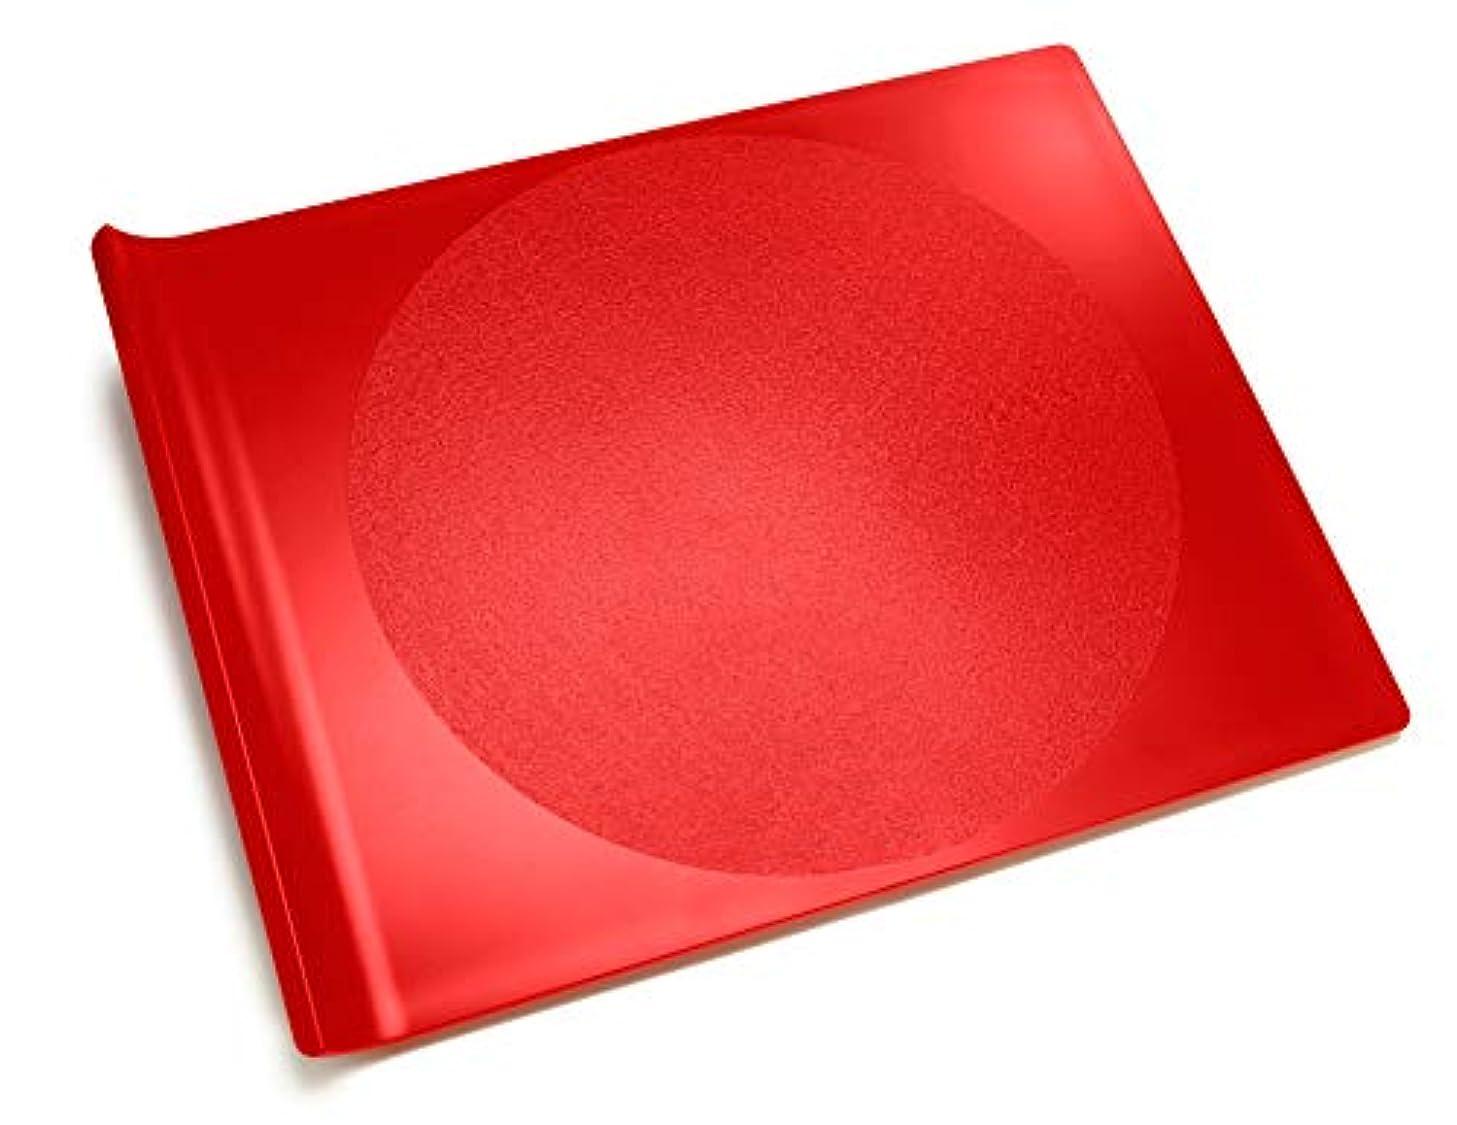 状でもシンポジウム海外直送品Cutting Board Plastic, Small Red Tomato 1 CT by Preserve